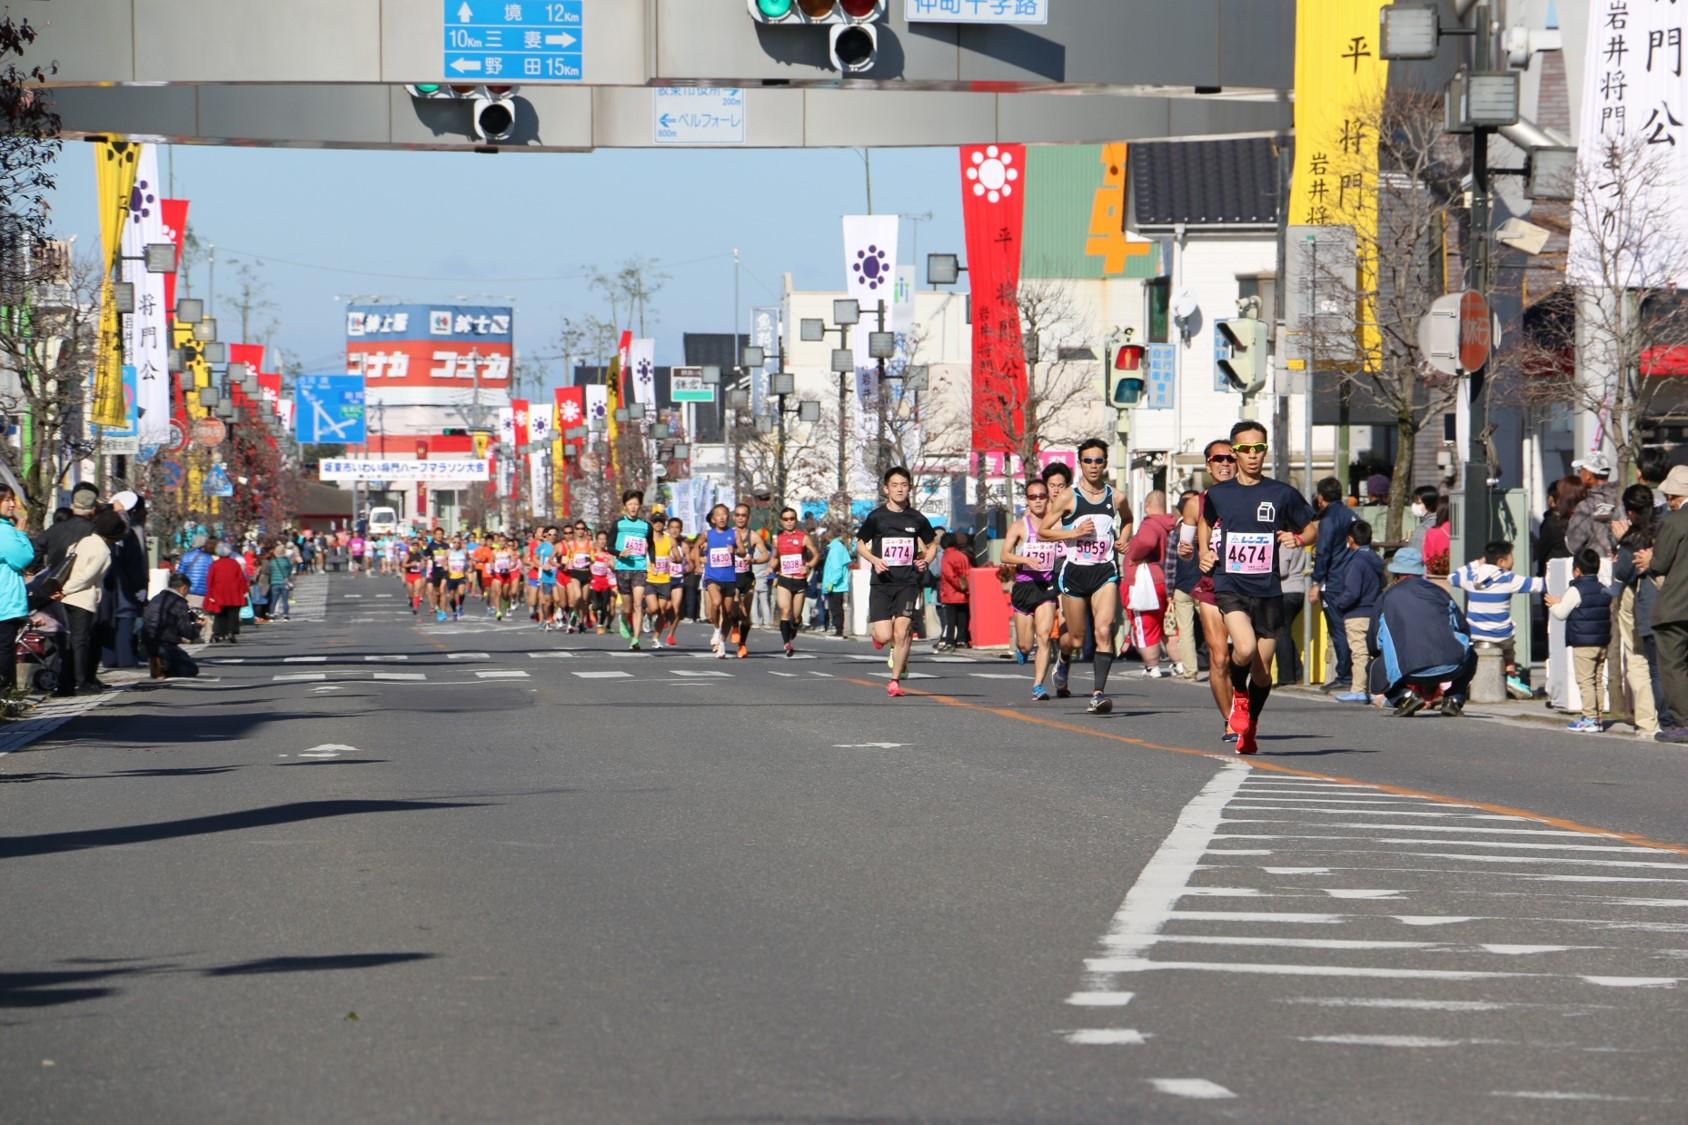 2021 愛媛 マラソン